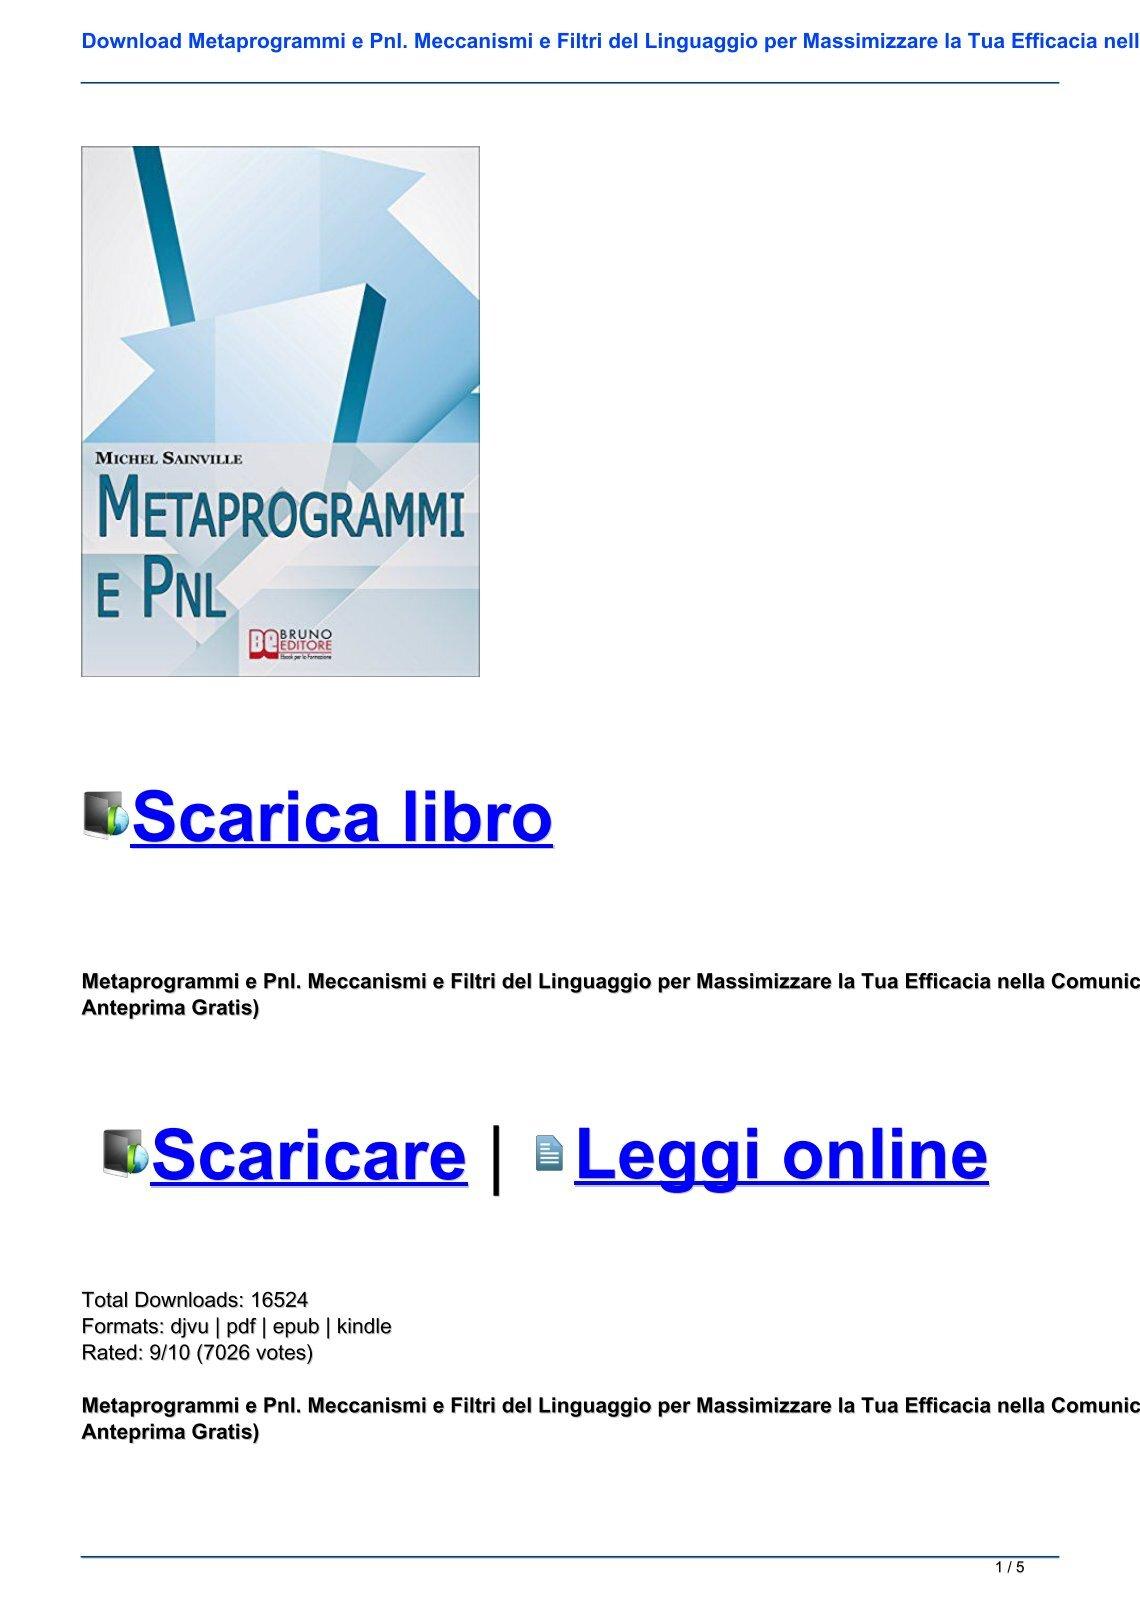 metaprogrammi pnl